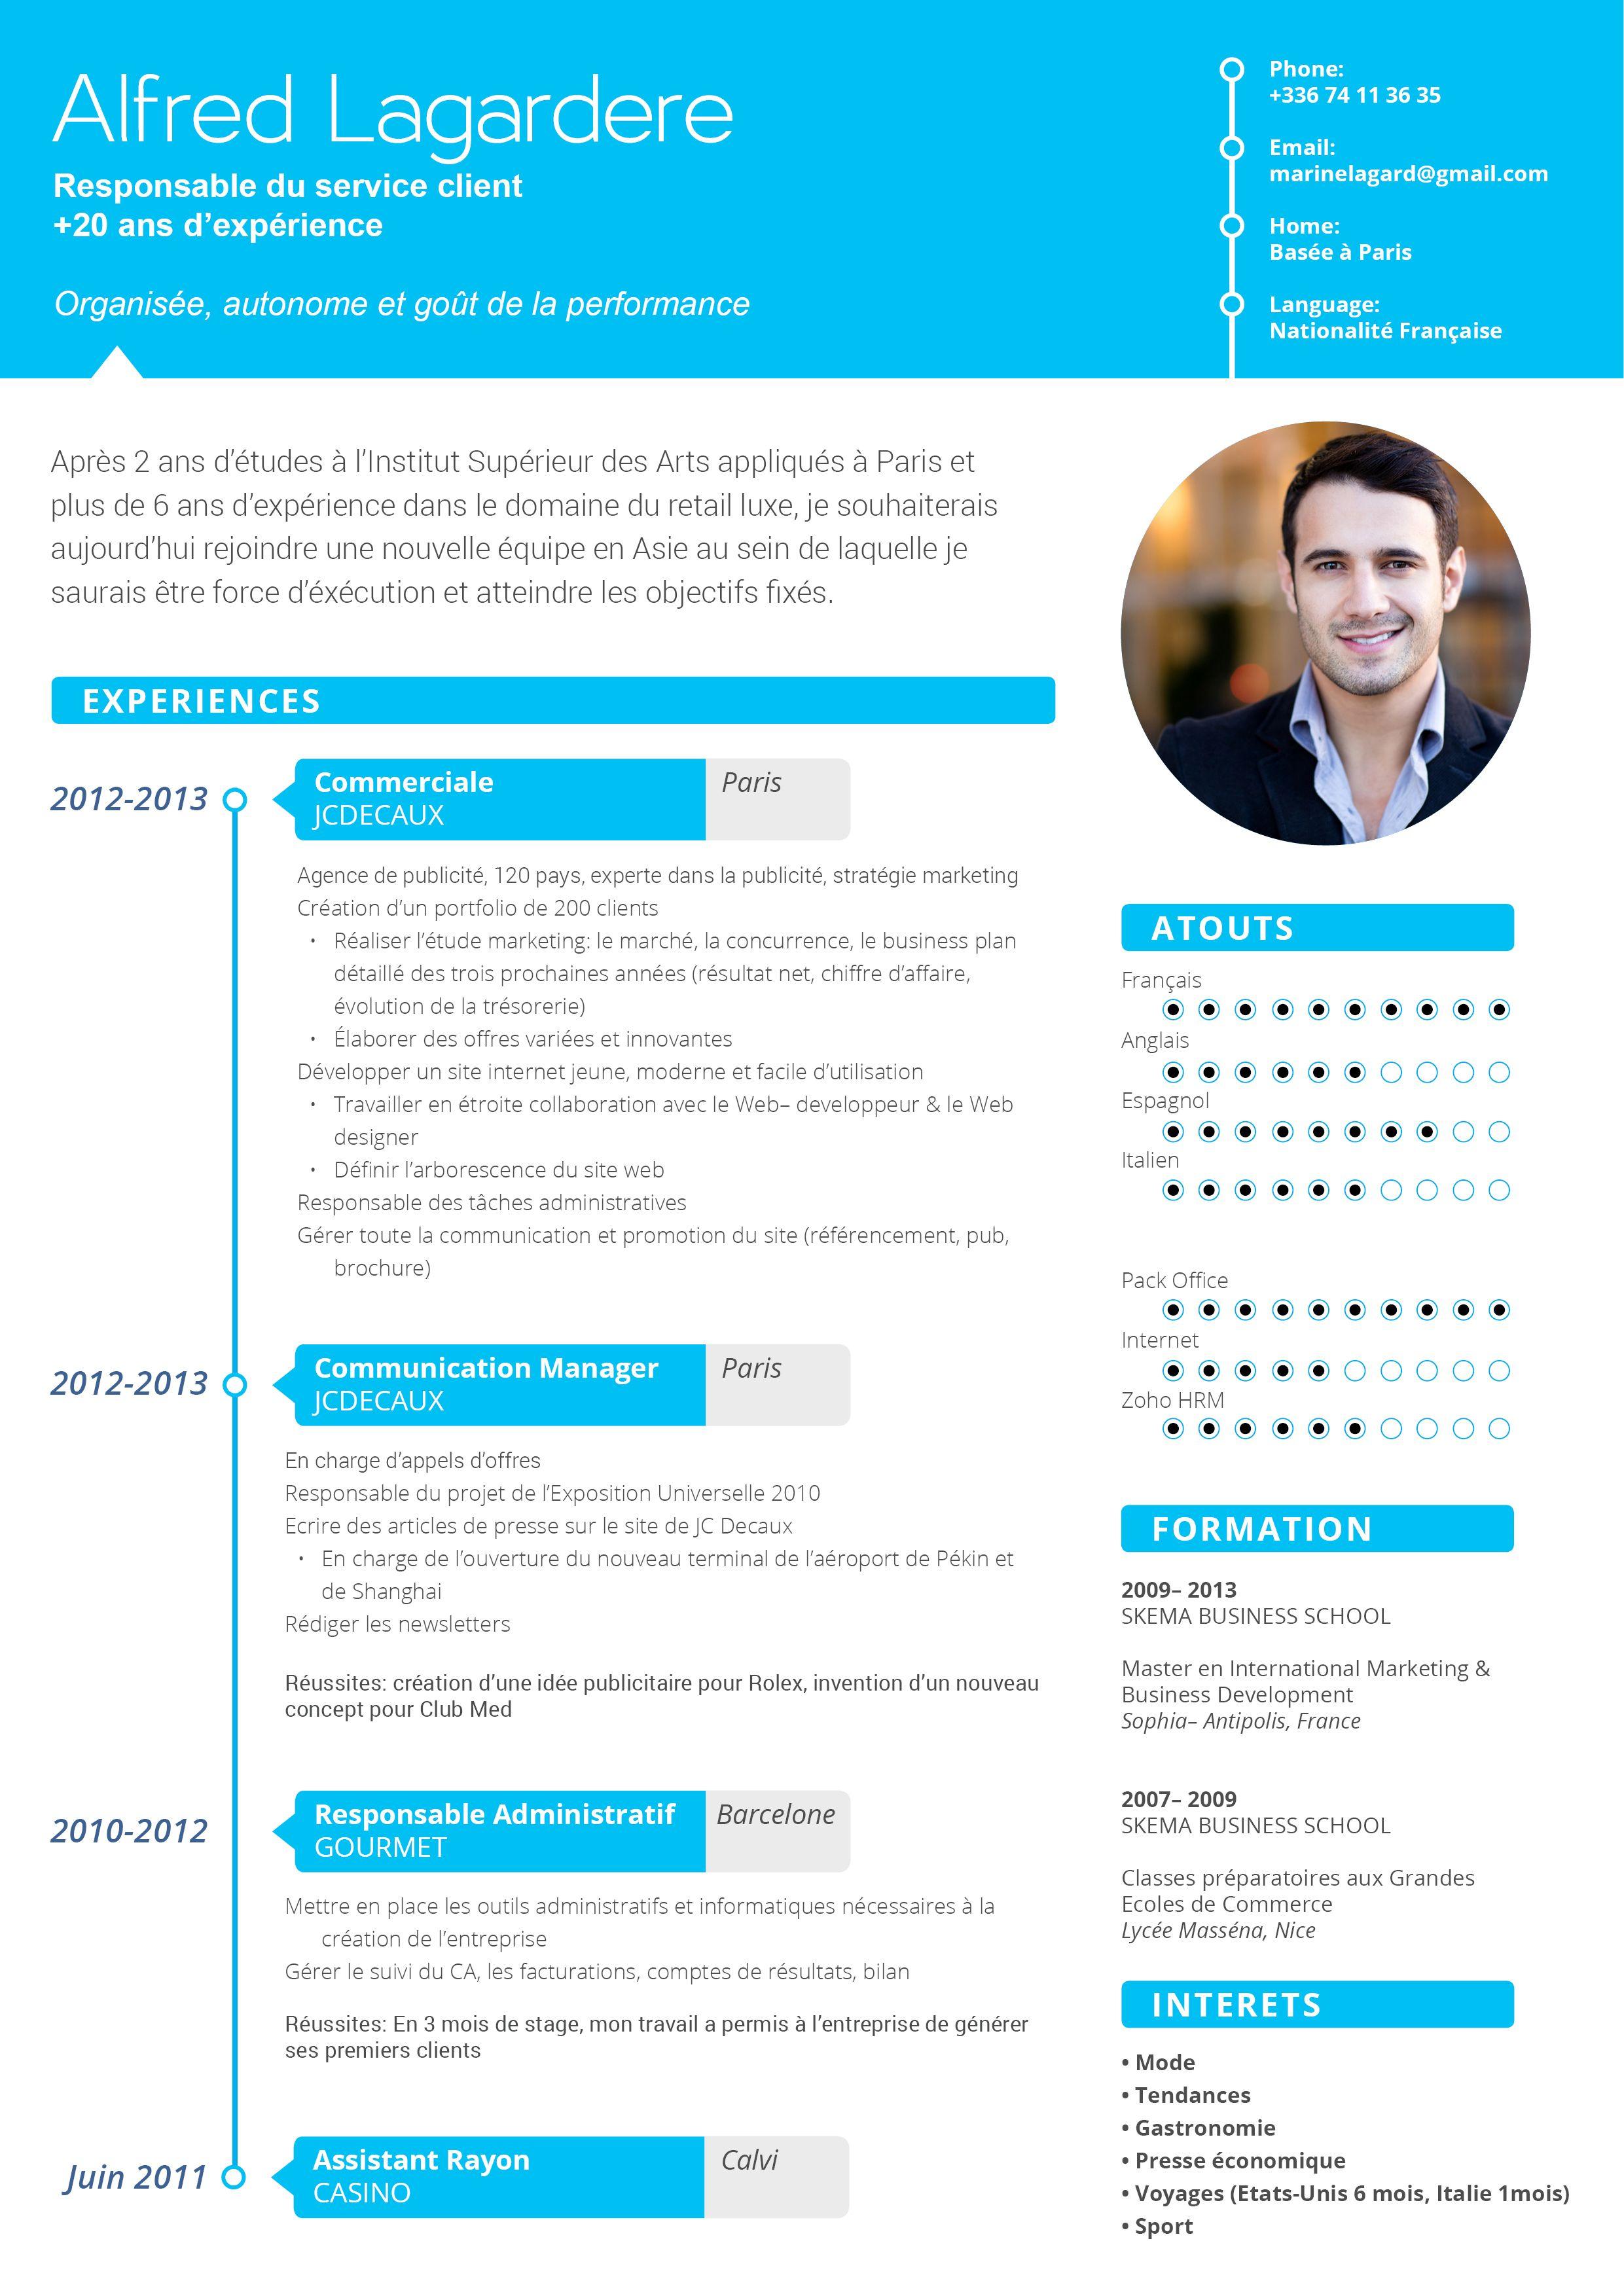 CV moderne Positif Cv commerciale, Exemple cv